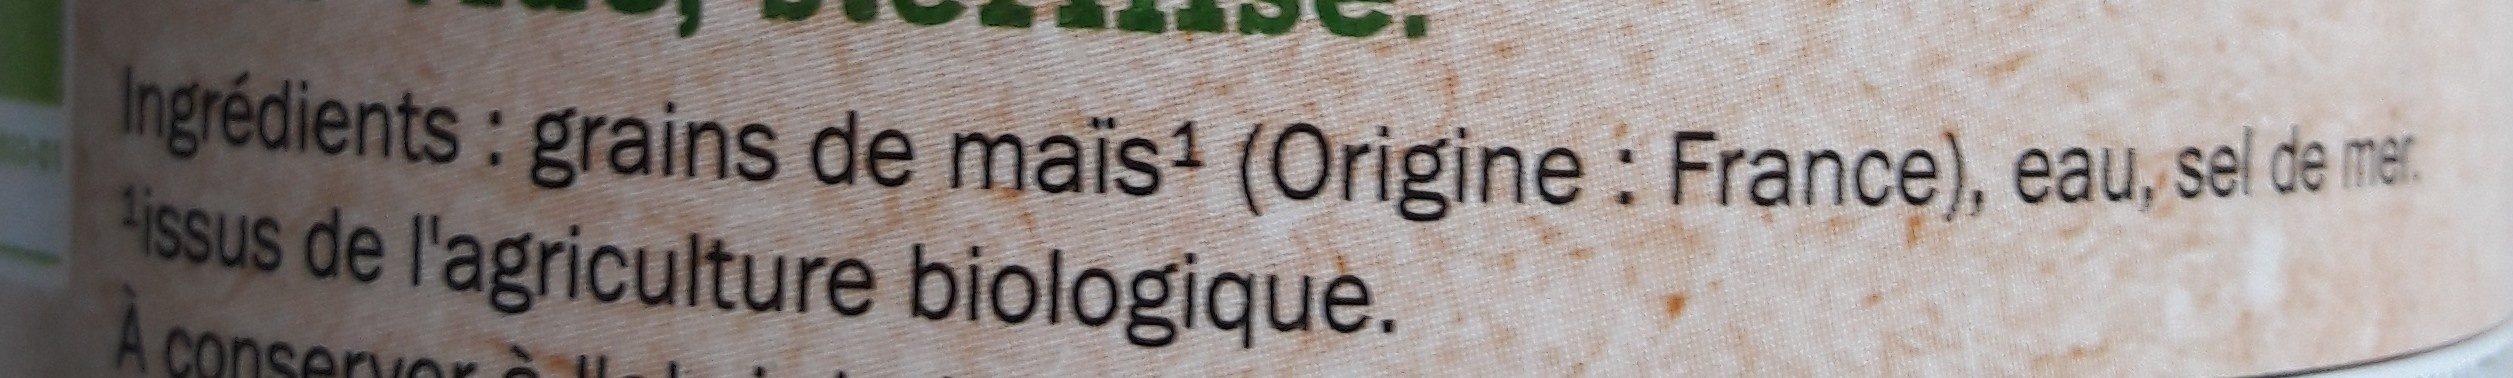 Maïs bio croquant - Ingrédients - fr